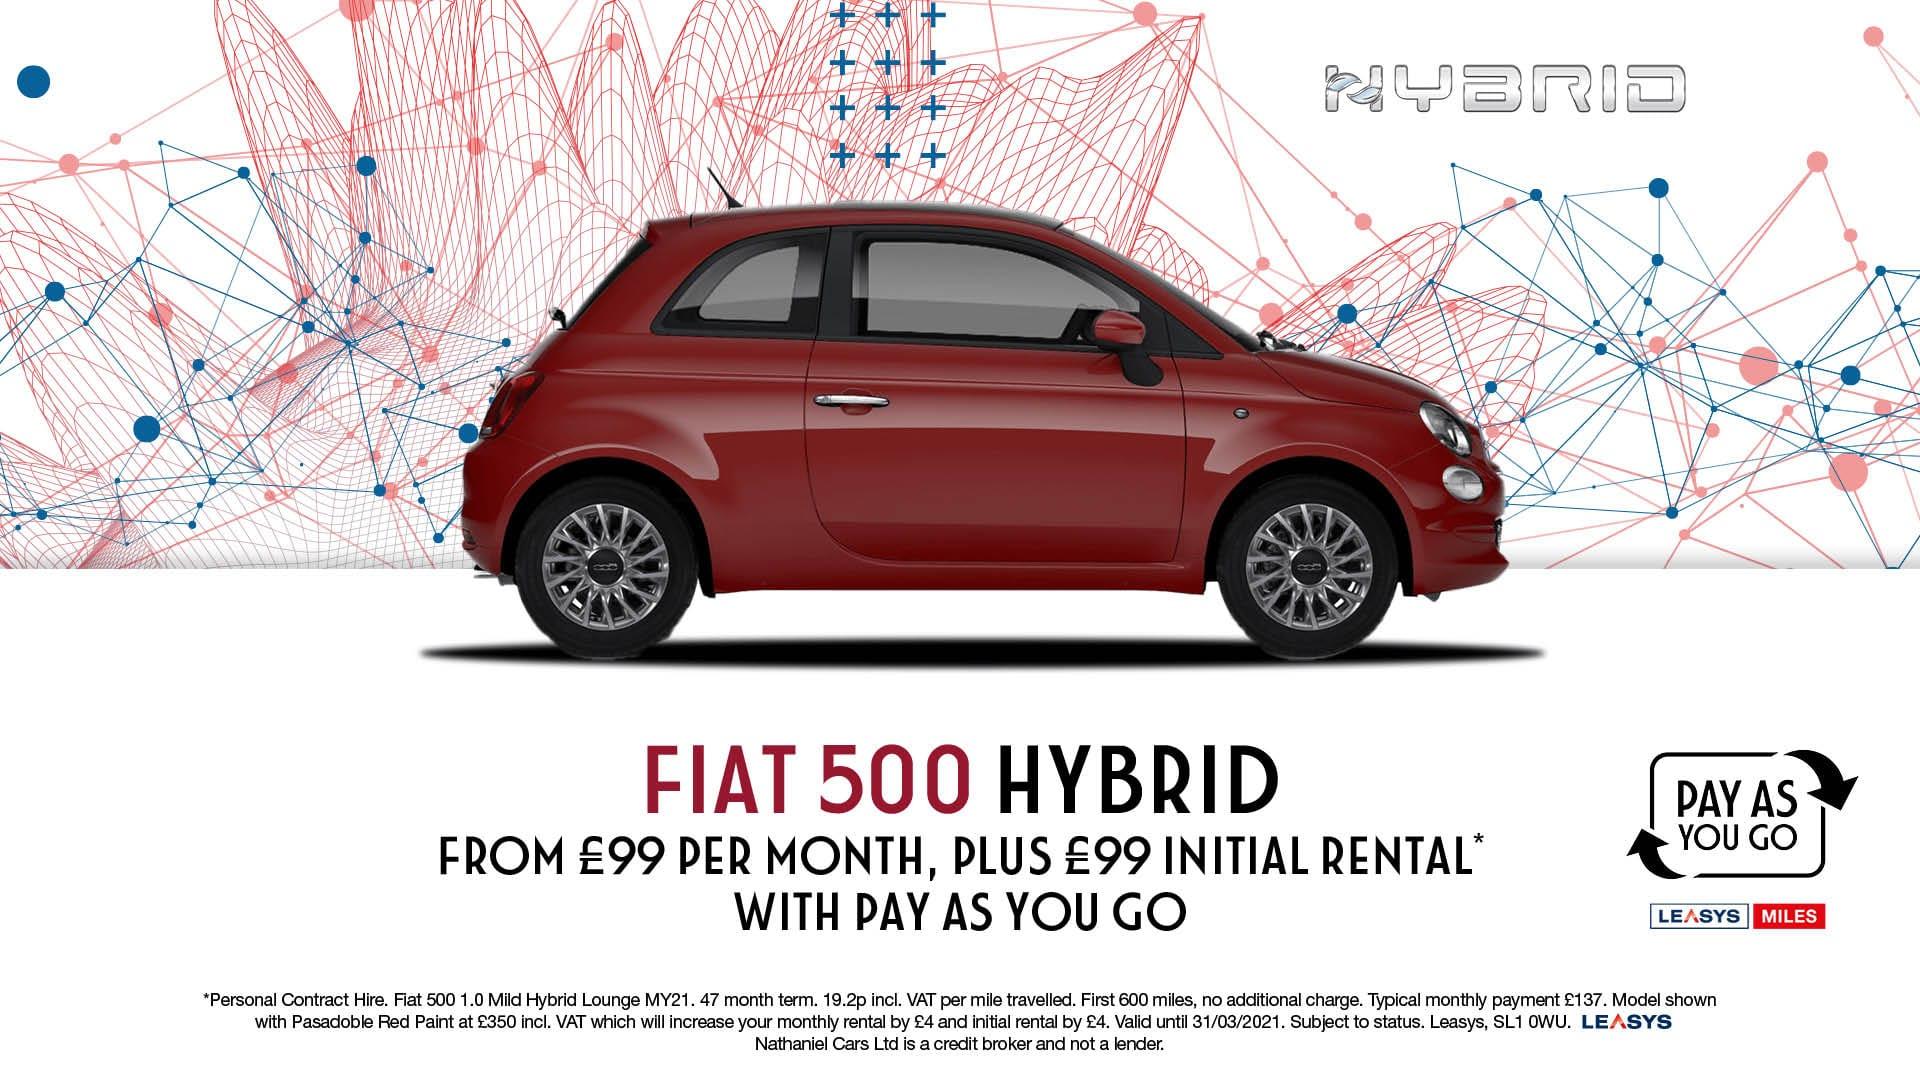 Q1 2021 Fiat 500 Hybrid PAYG PCH - Website banner - 1920 x 1080